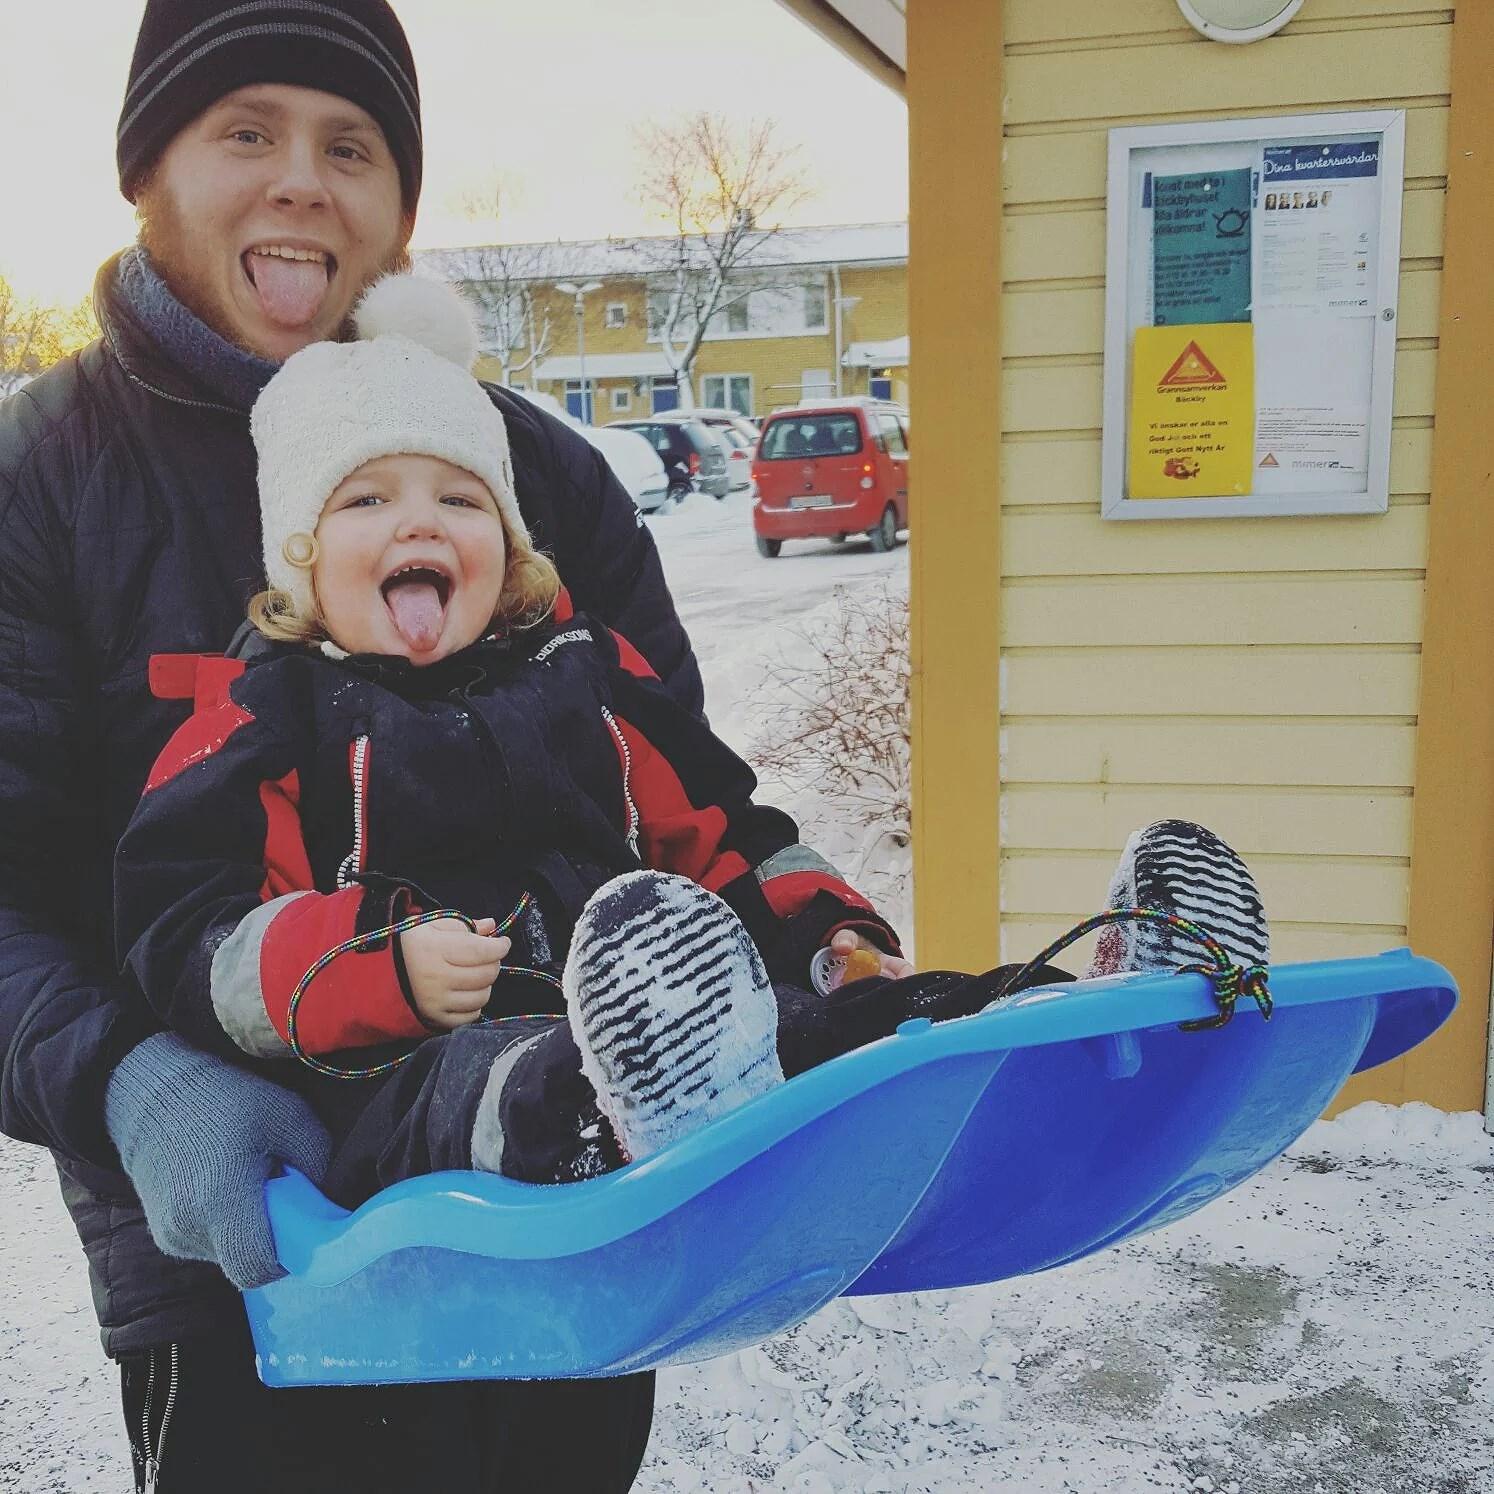 Snö kaos!